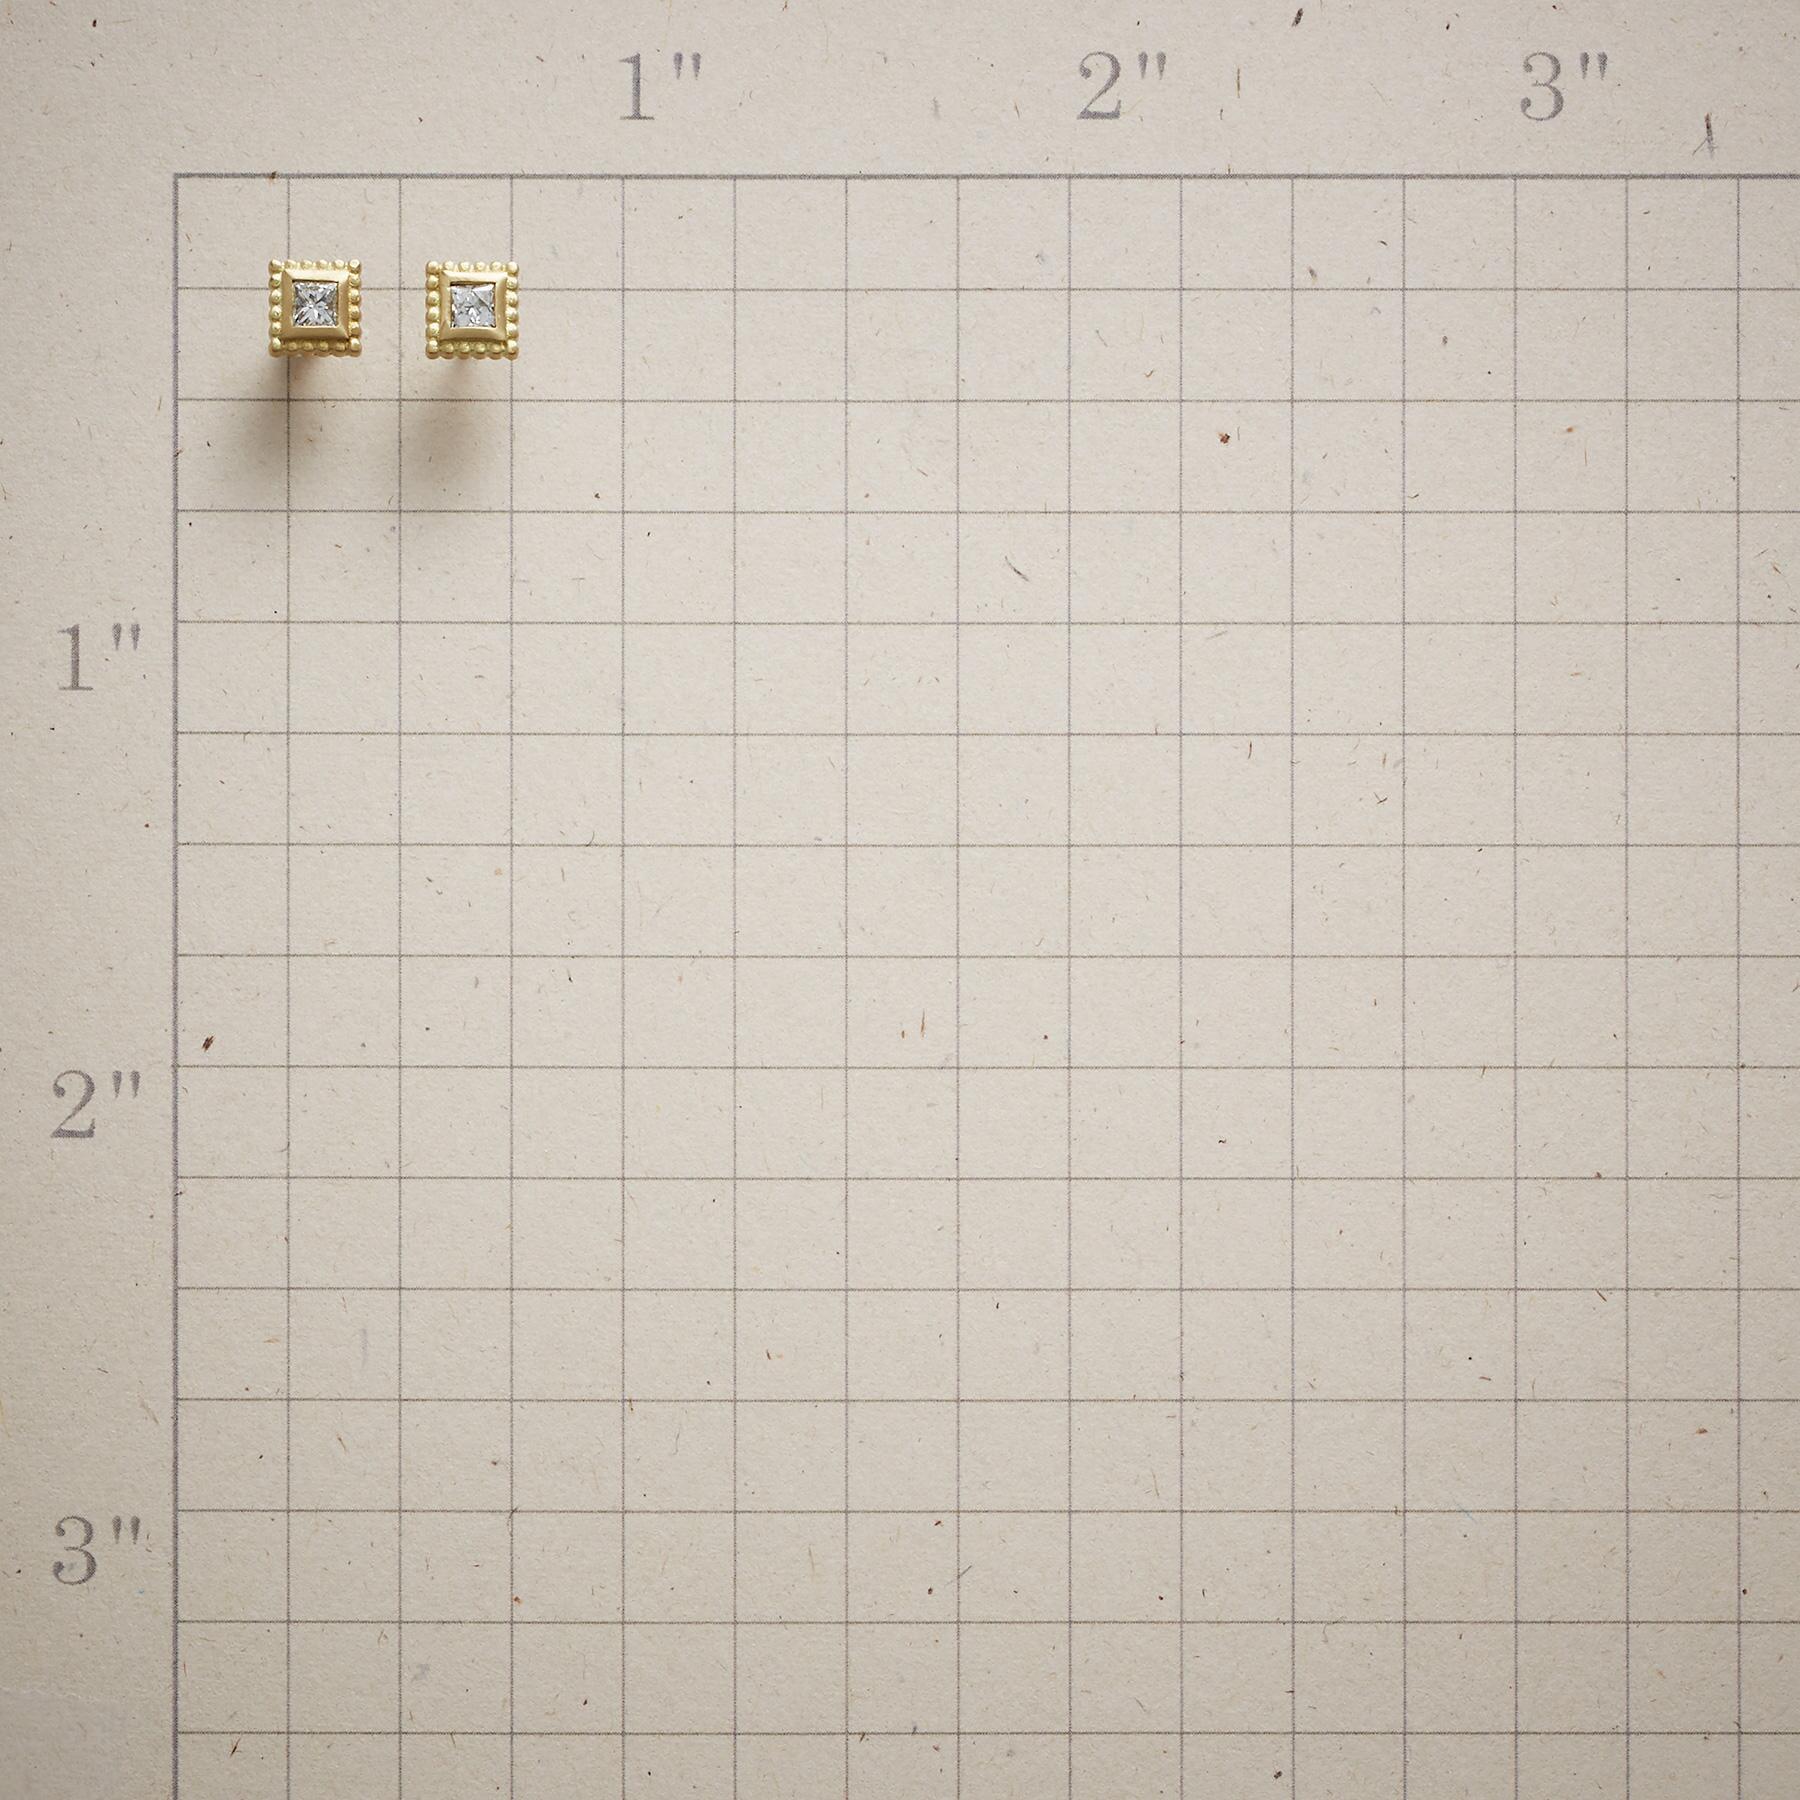 PRINCESS DIAMOND EARRINGS: View 2